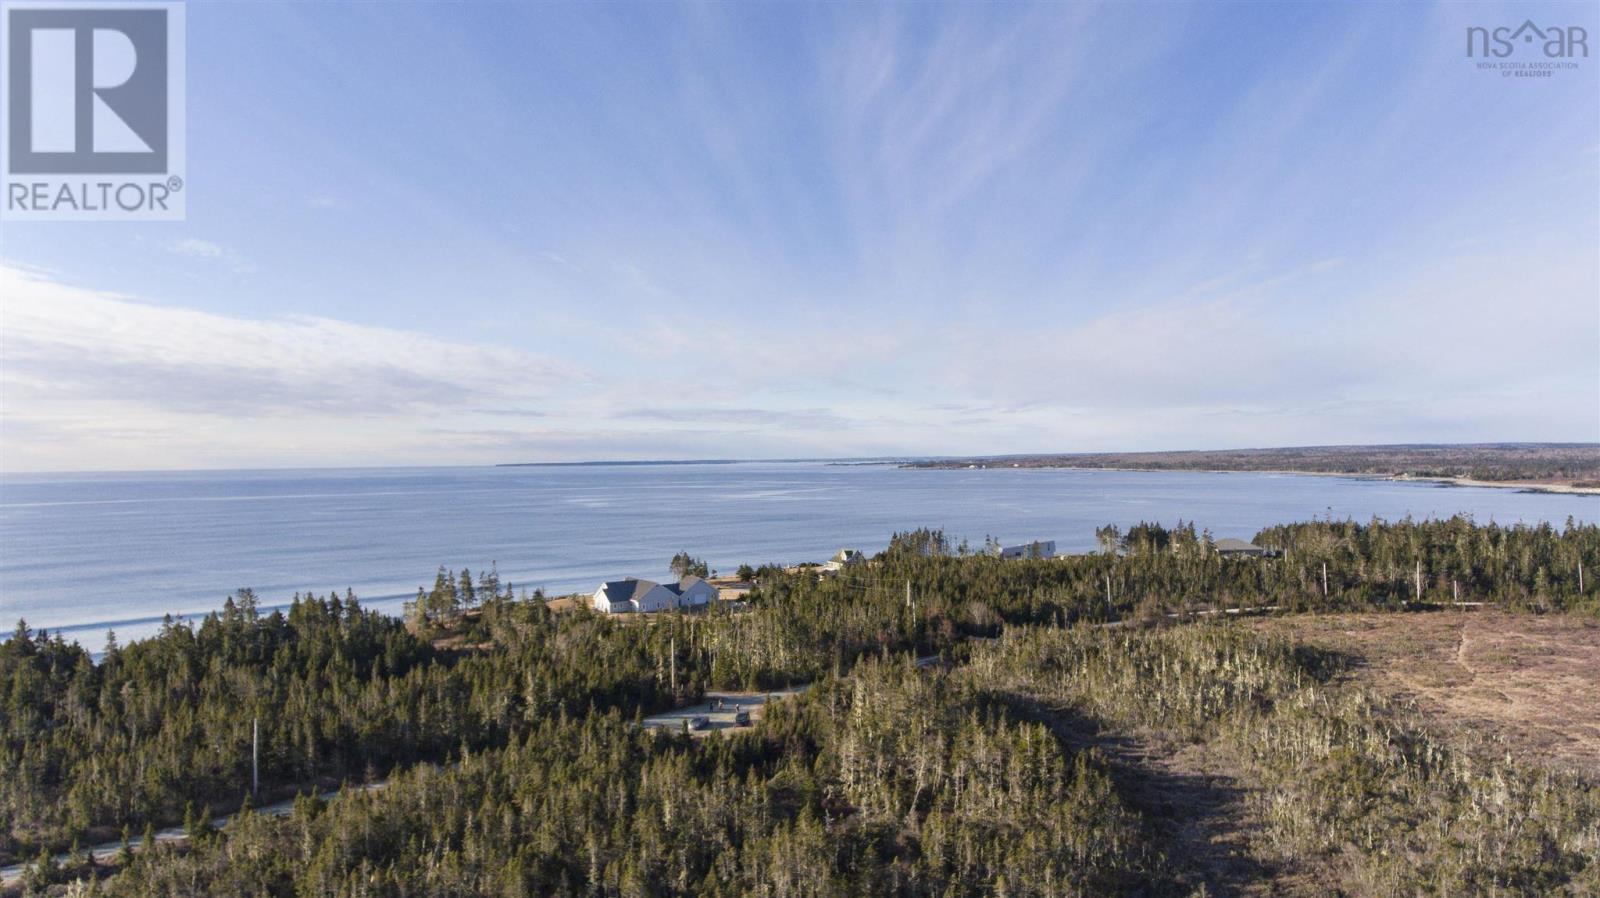 Lot 4-3 Pierce Point Road, Western Head, Nova Scotia  B0T 1G0 - Photo 1 - 202120654